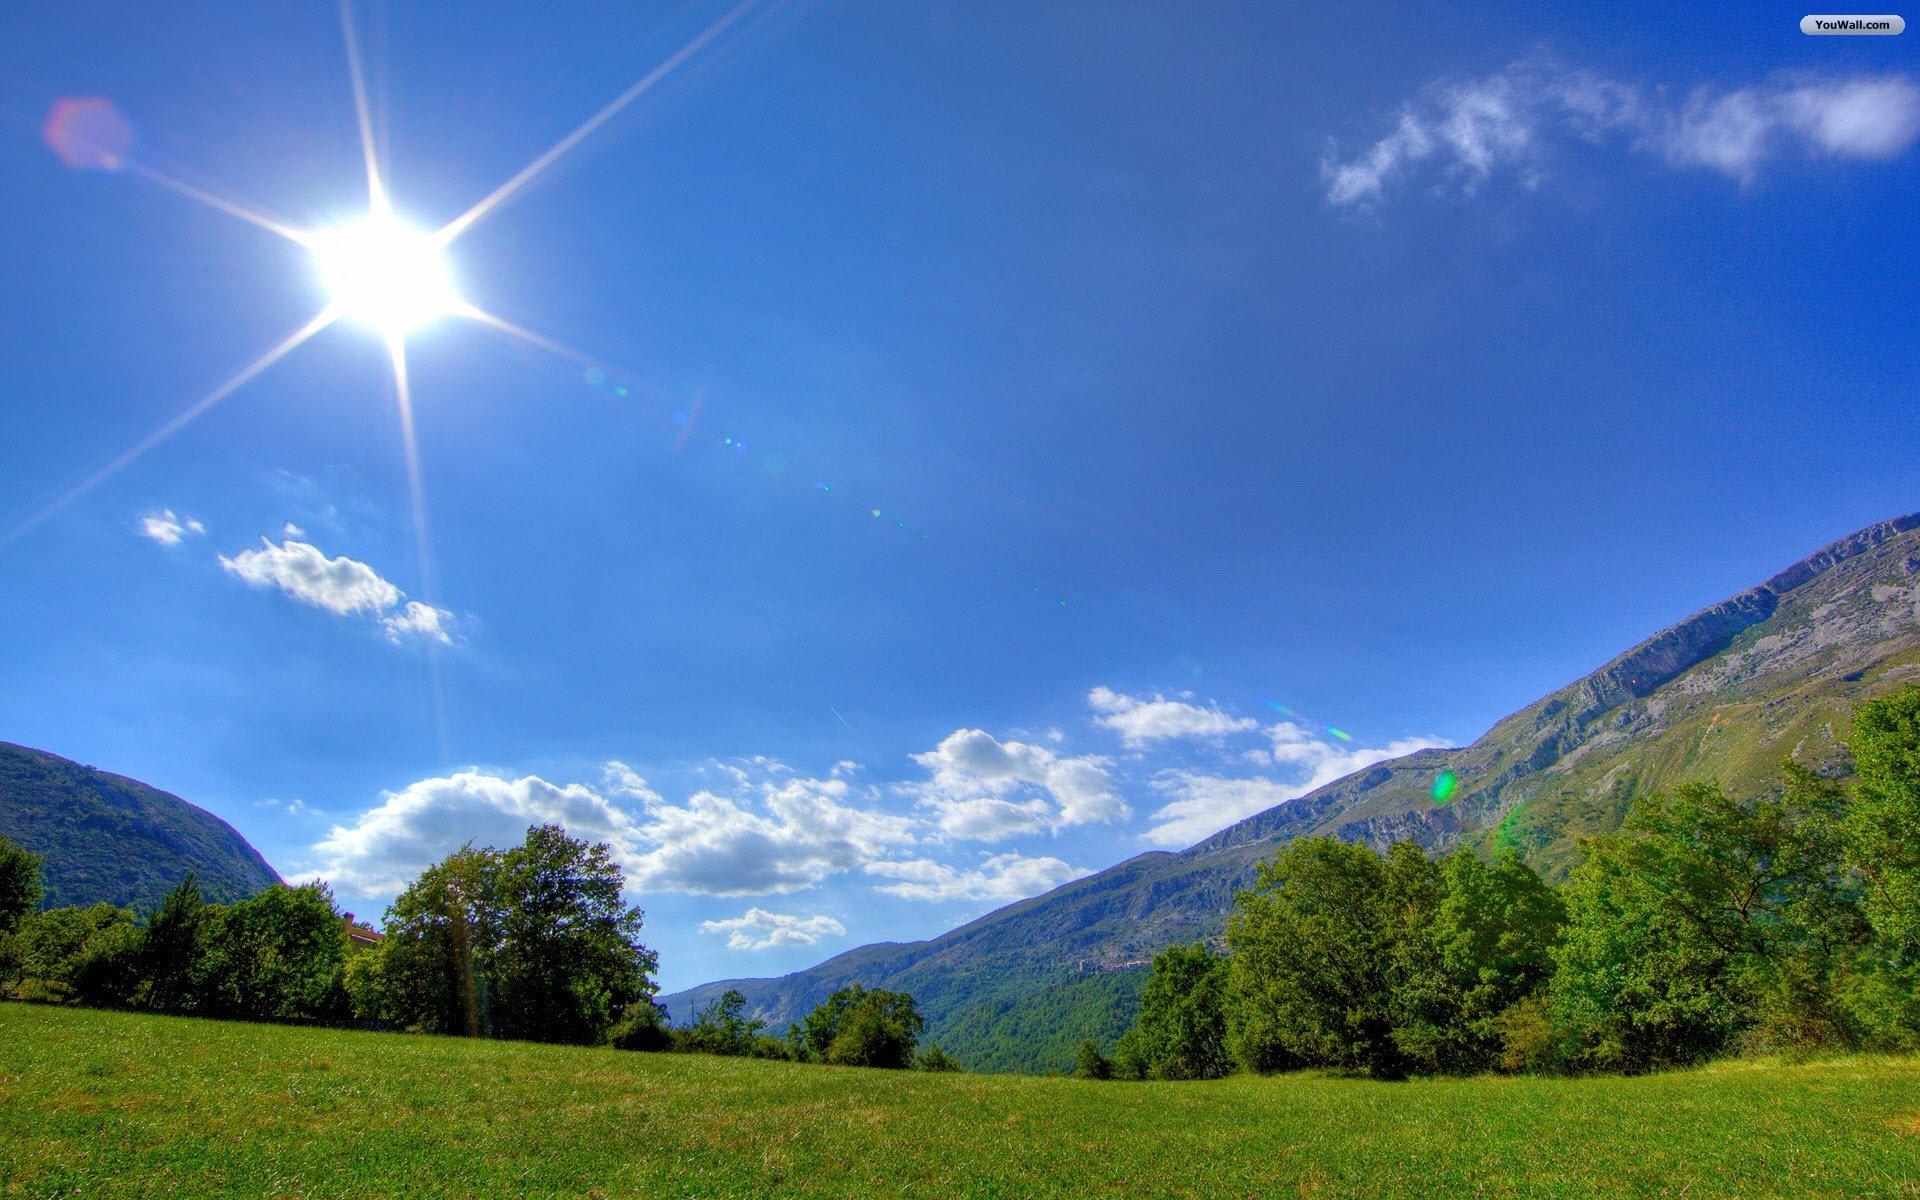 Sunlit meadow wallpaper   806119 1920x1200